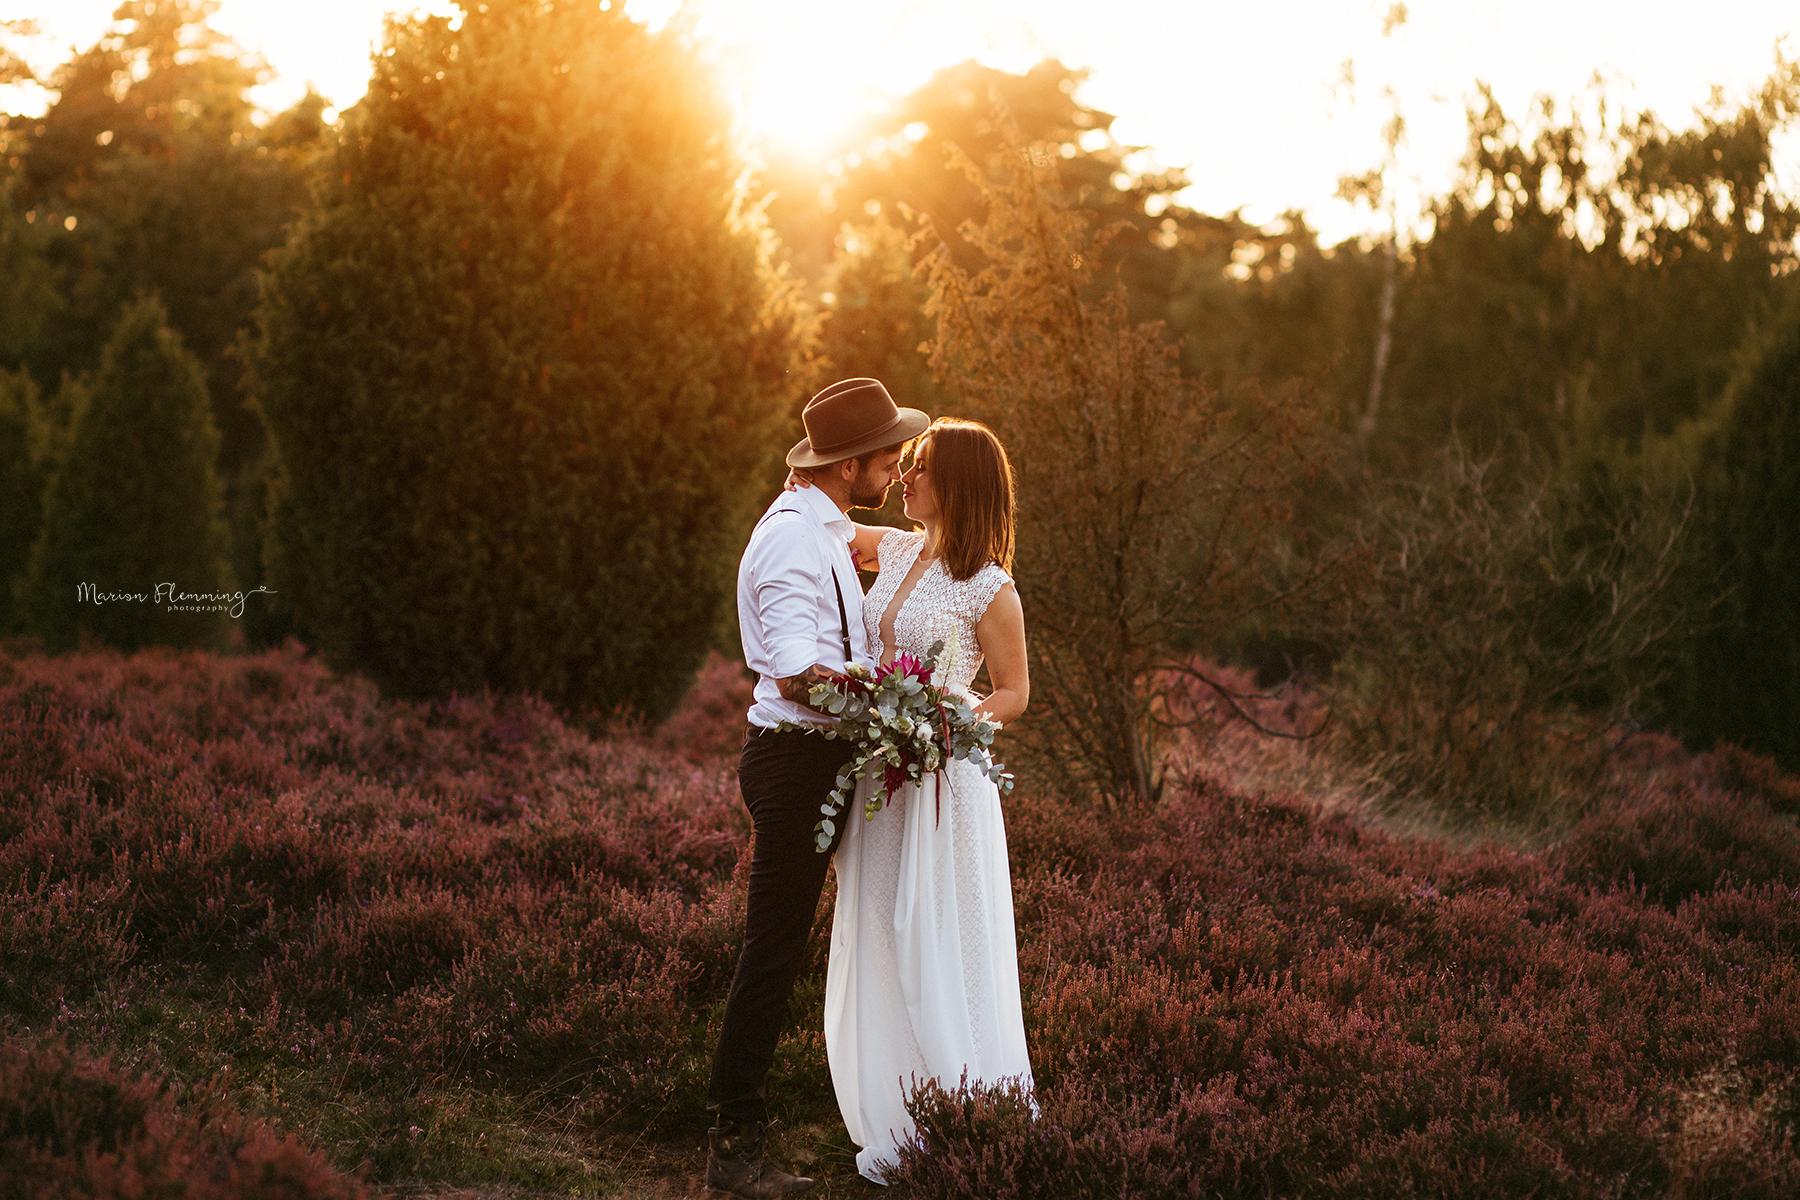 Brautpaar in der Abendsonne, Marion Flemming